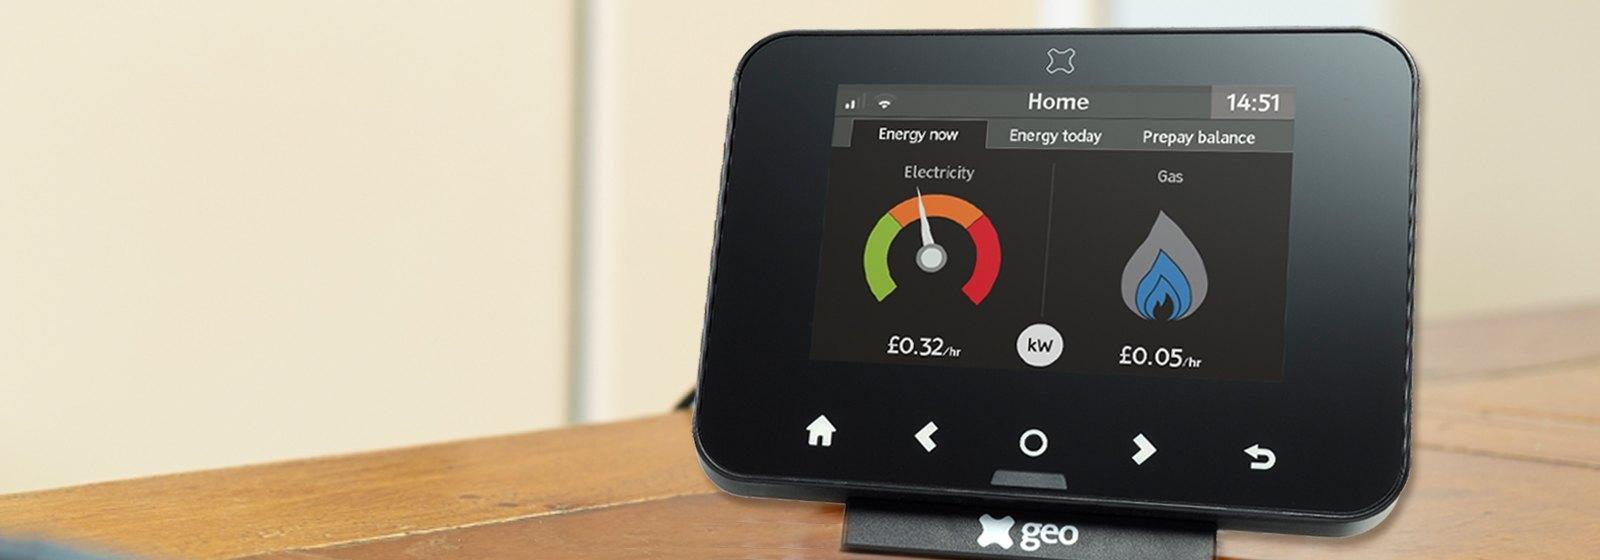 Smart meter display - Geo Trio